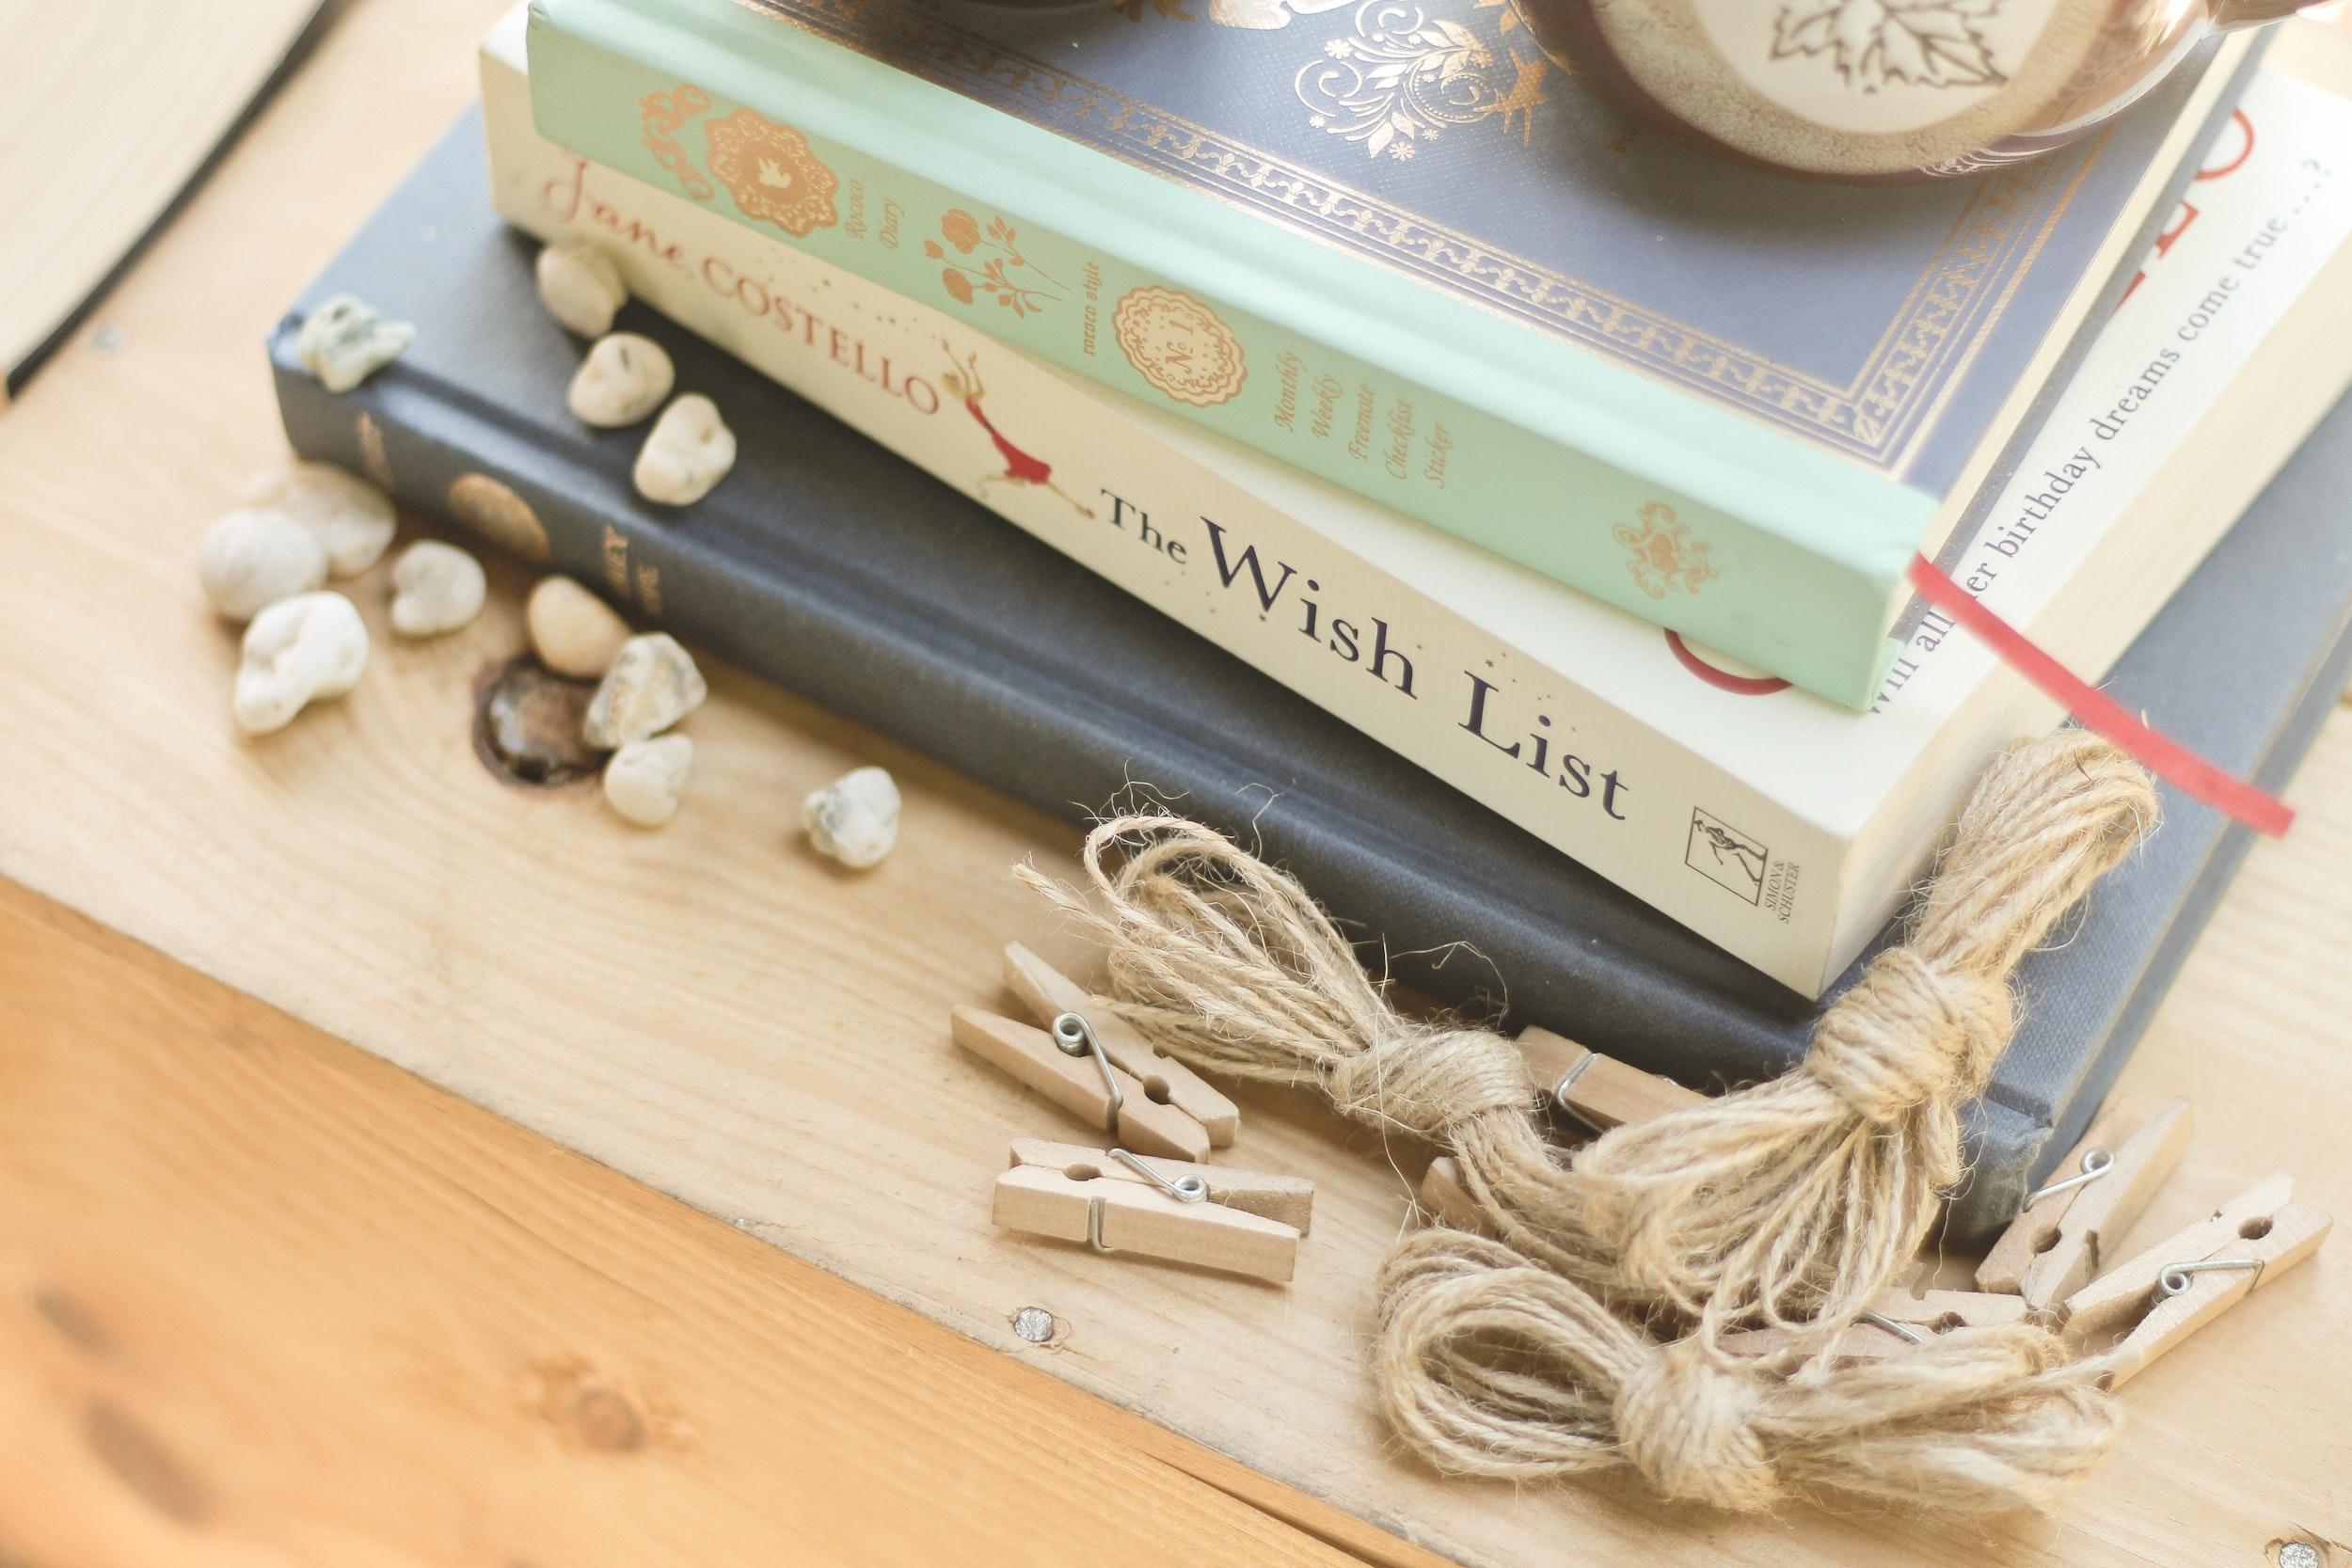 blur-books-clips-246521.jpg